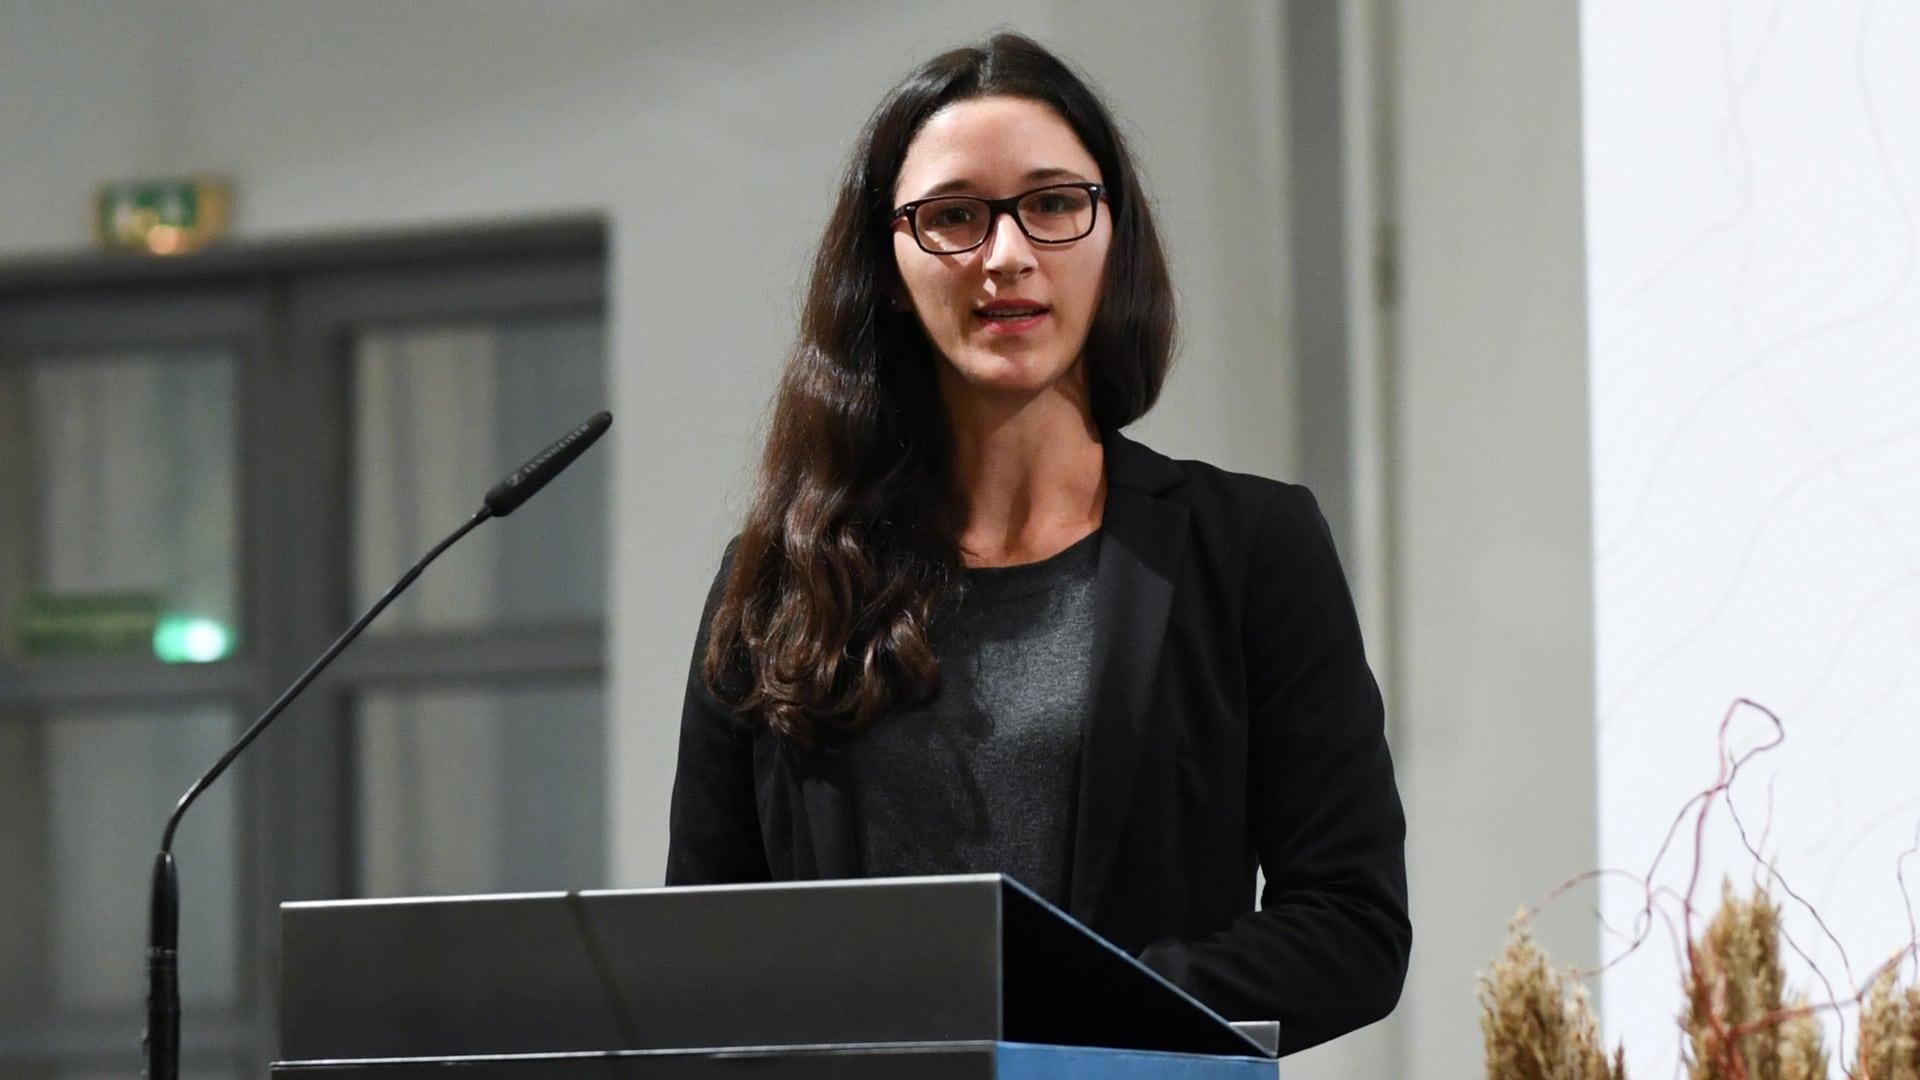 Volontärin beim Tagesspiegel und dieses Jahr Referentin bei der Nachwuchsjournalisten-Tagung: Selina Bettendorf (Archivbild)